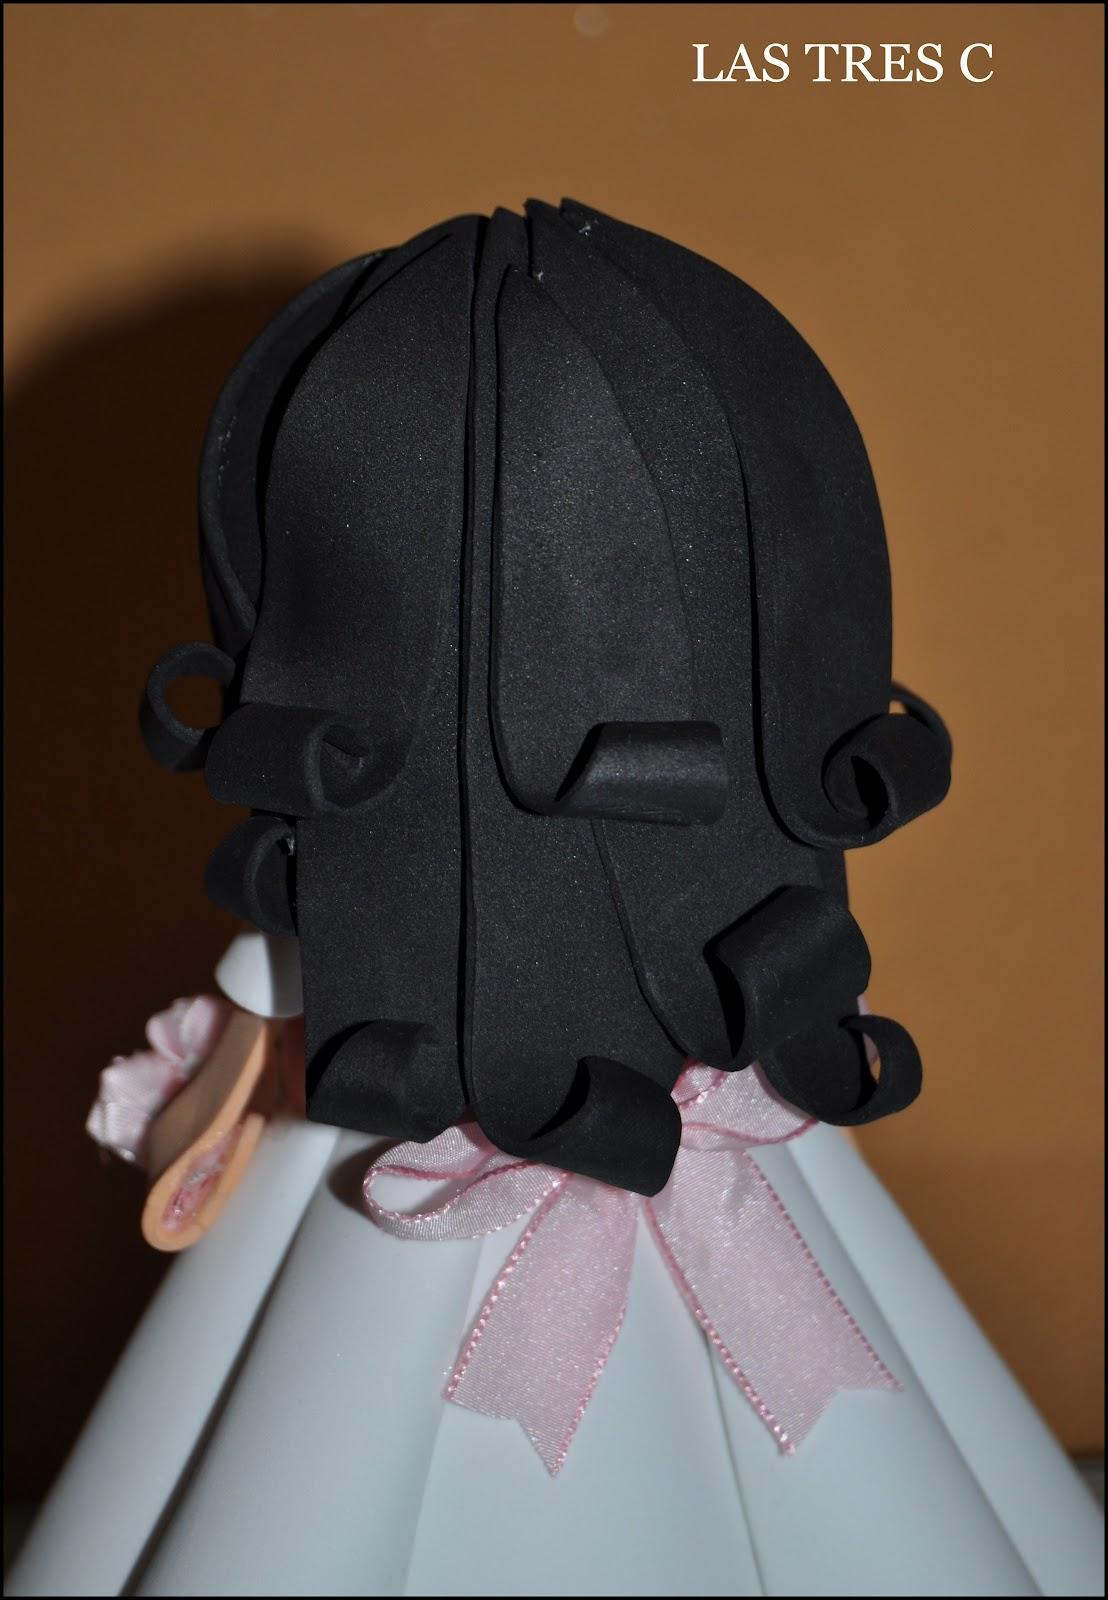 Muñeca de comunión pero en moreno, espero que os guste.